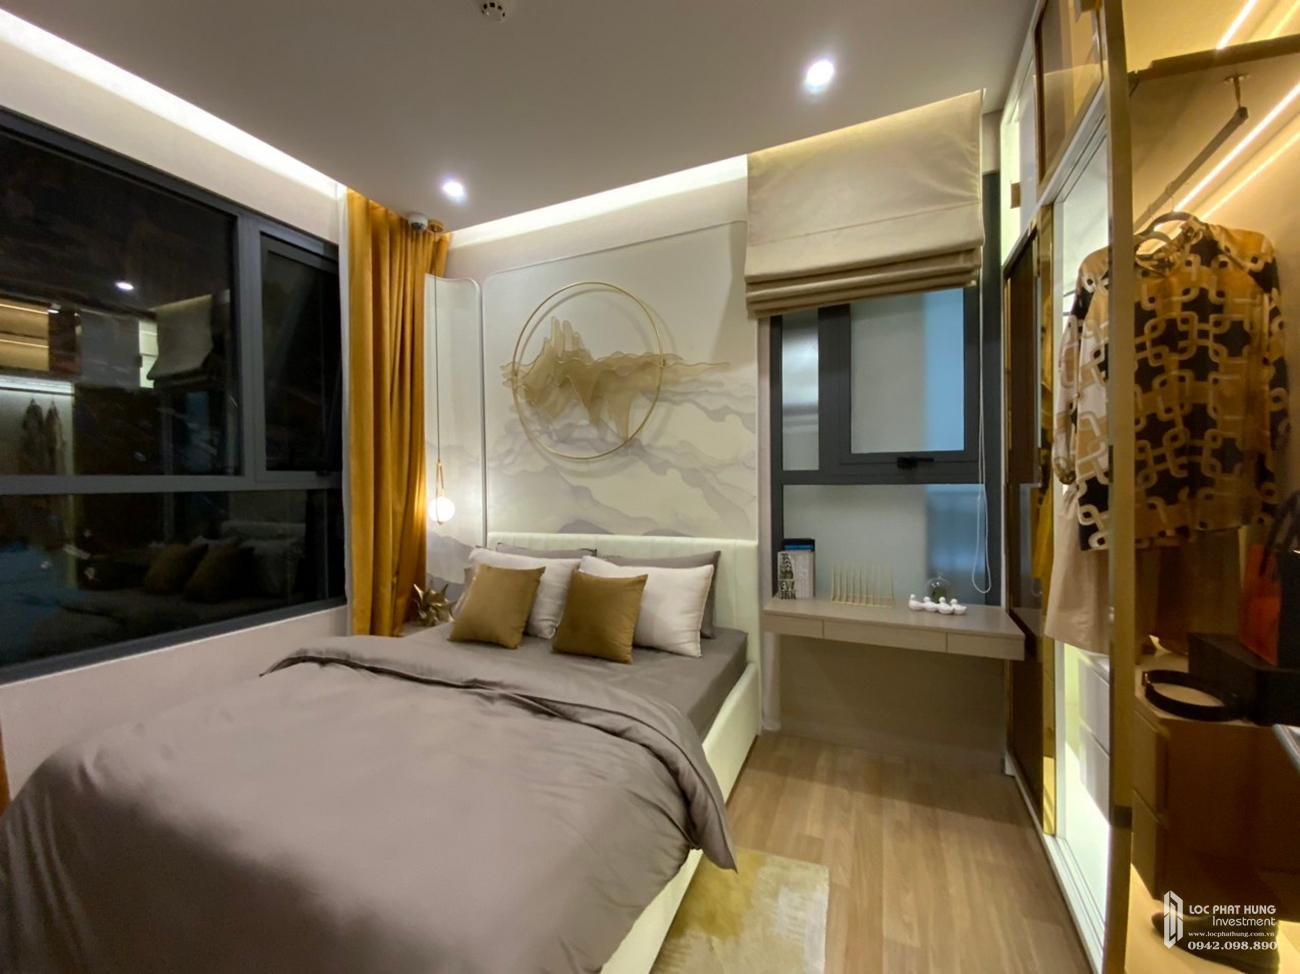 Nhà mẫu dự án căn hộ D Homme Quận 6 Đường Hồng Bàng chủ đầu tư DHA